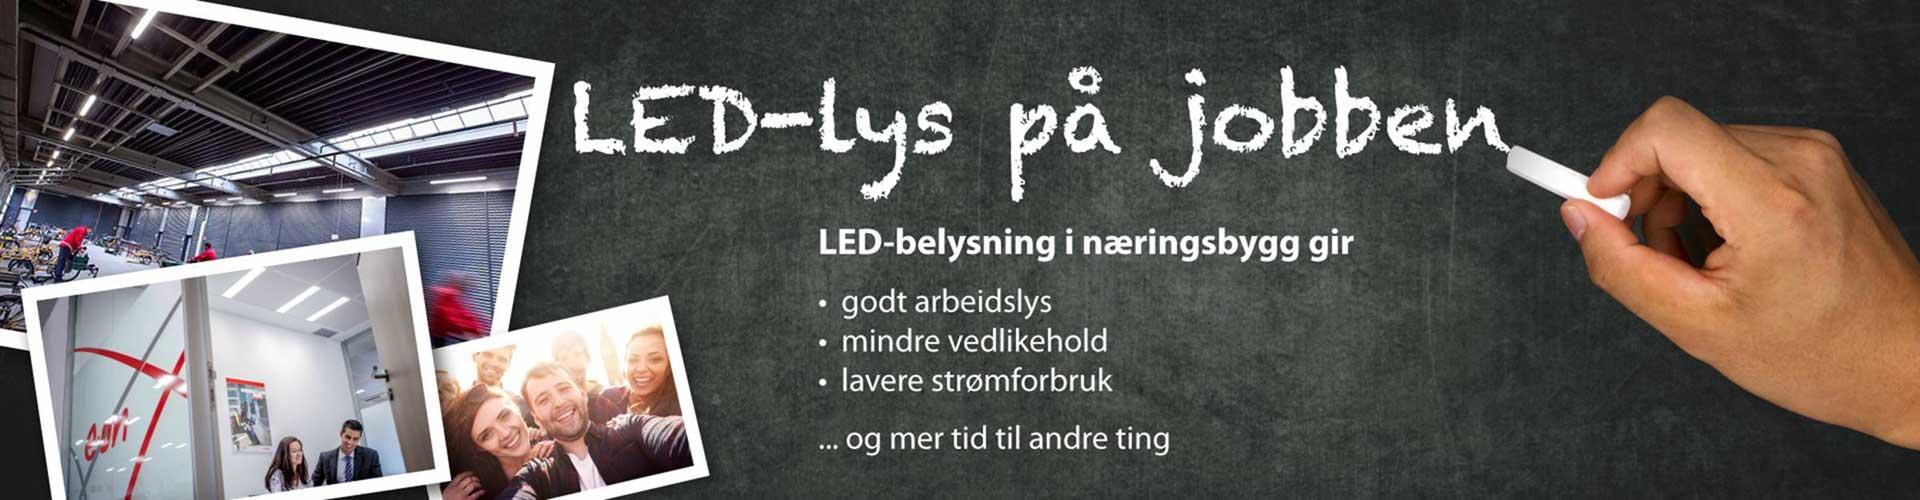 LED-lyst på jobben